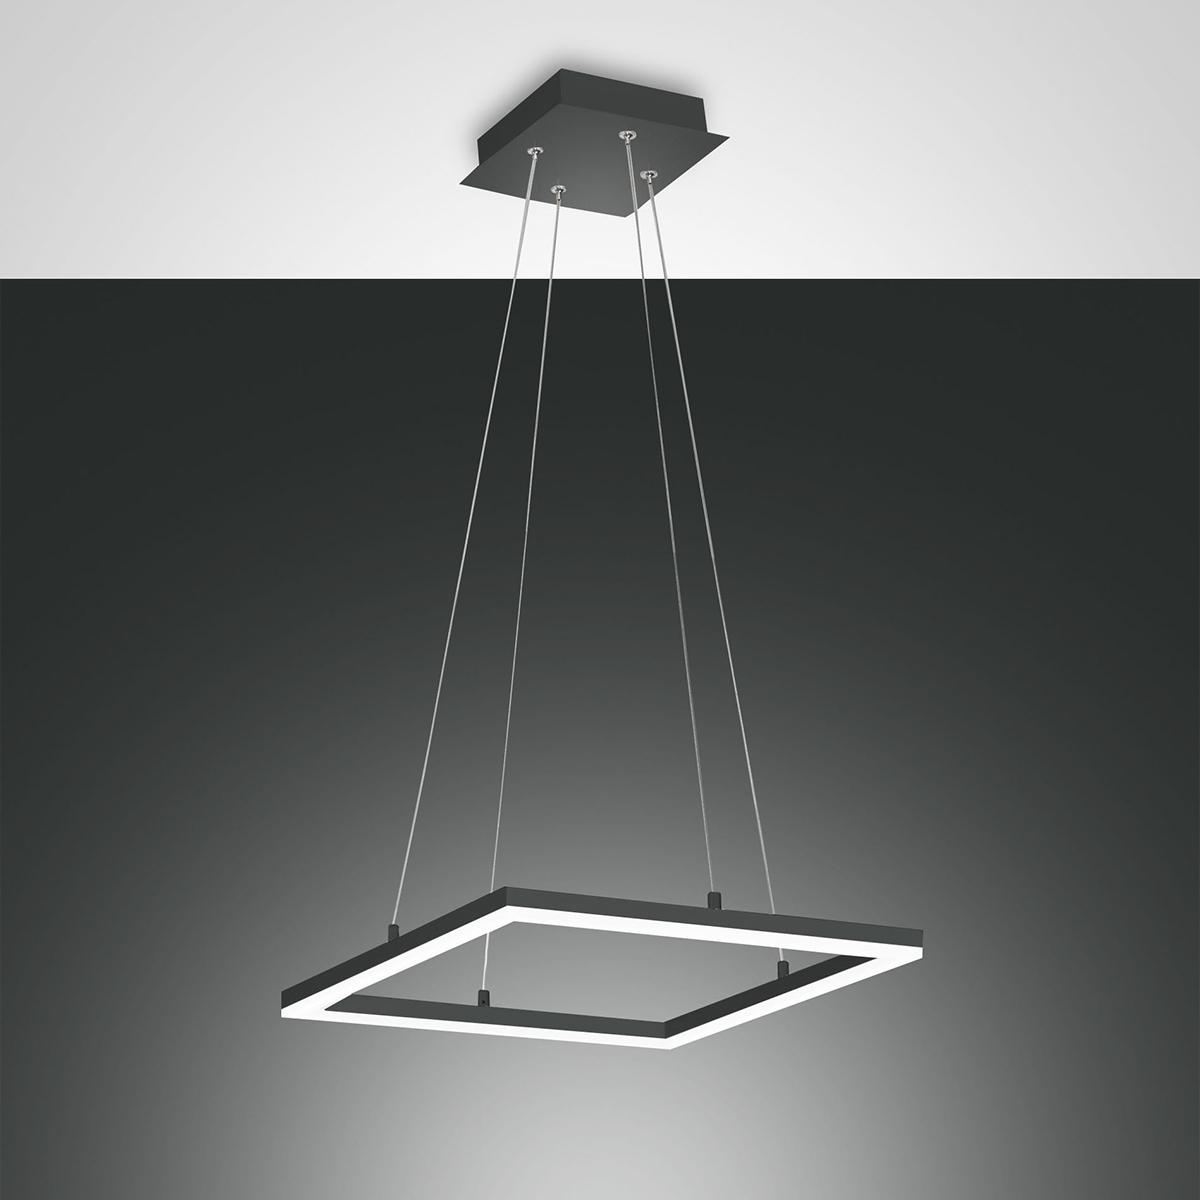 Fabas Luce Bard LED Pendelleuchte, quadratisch 3394-40-282